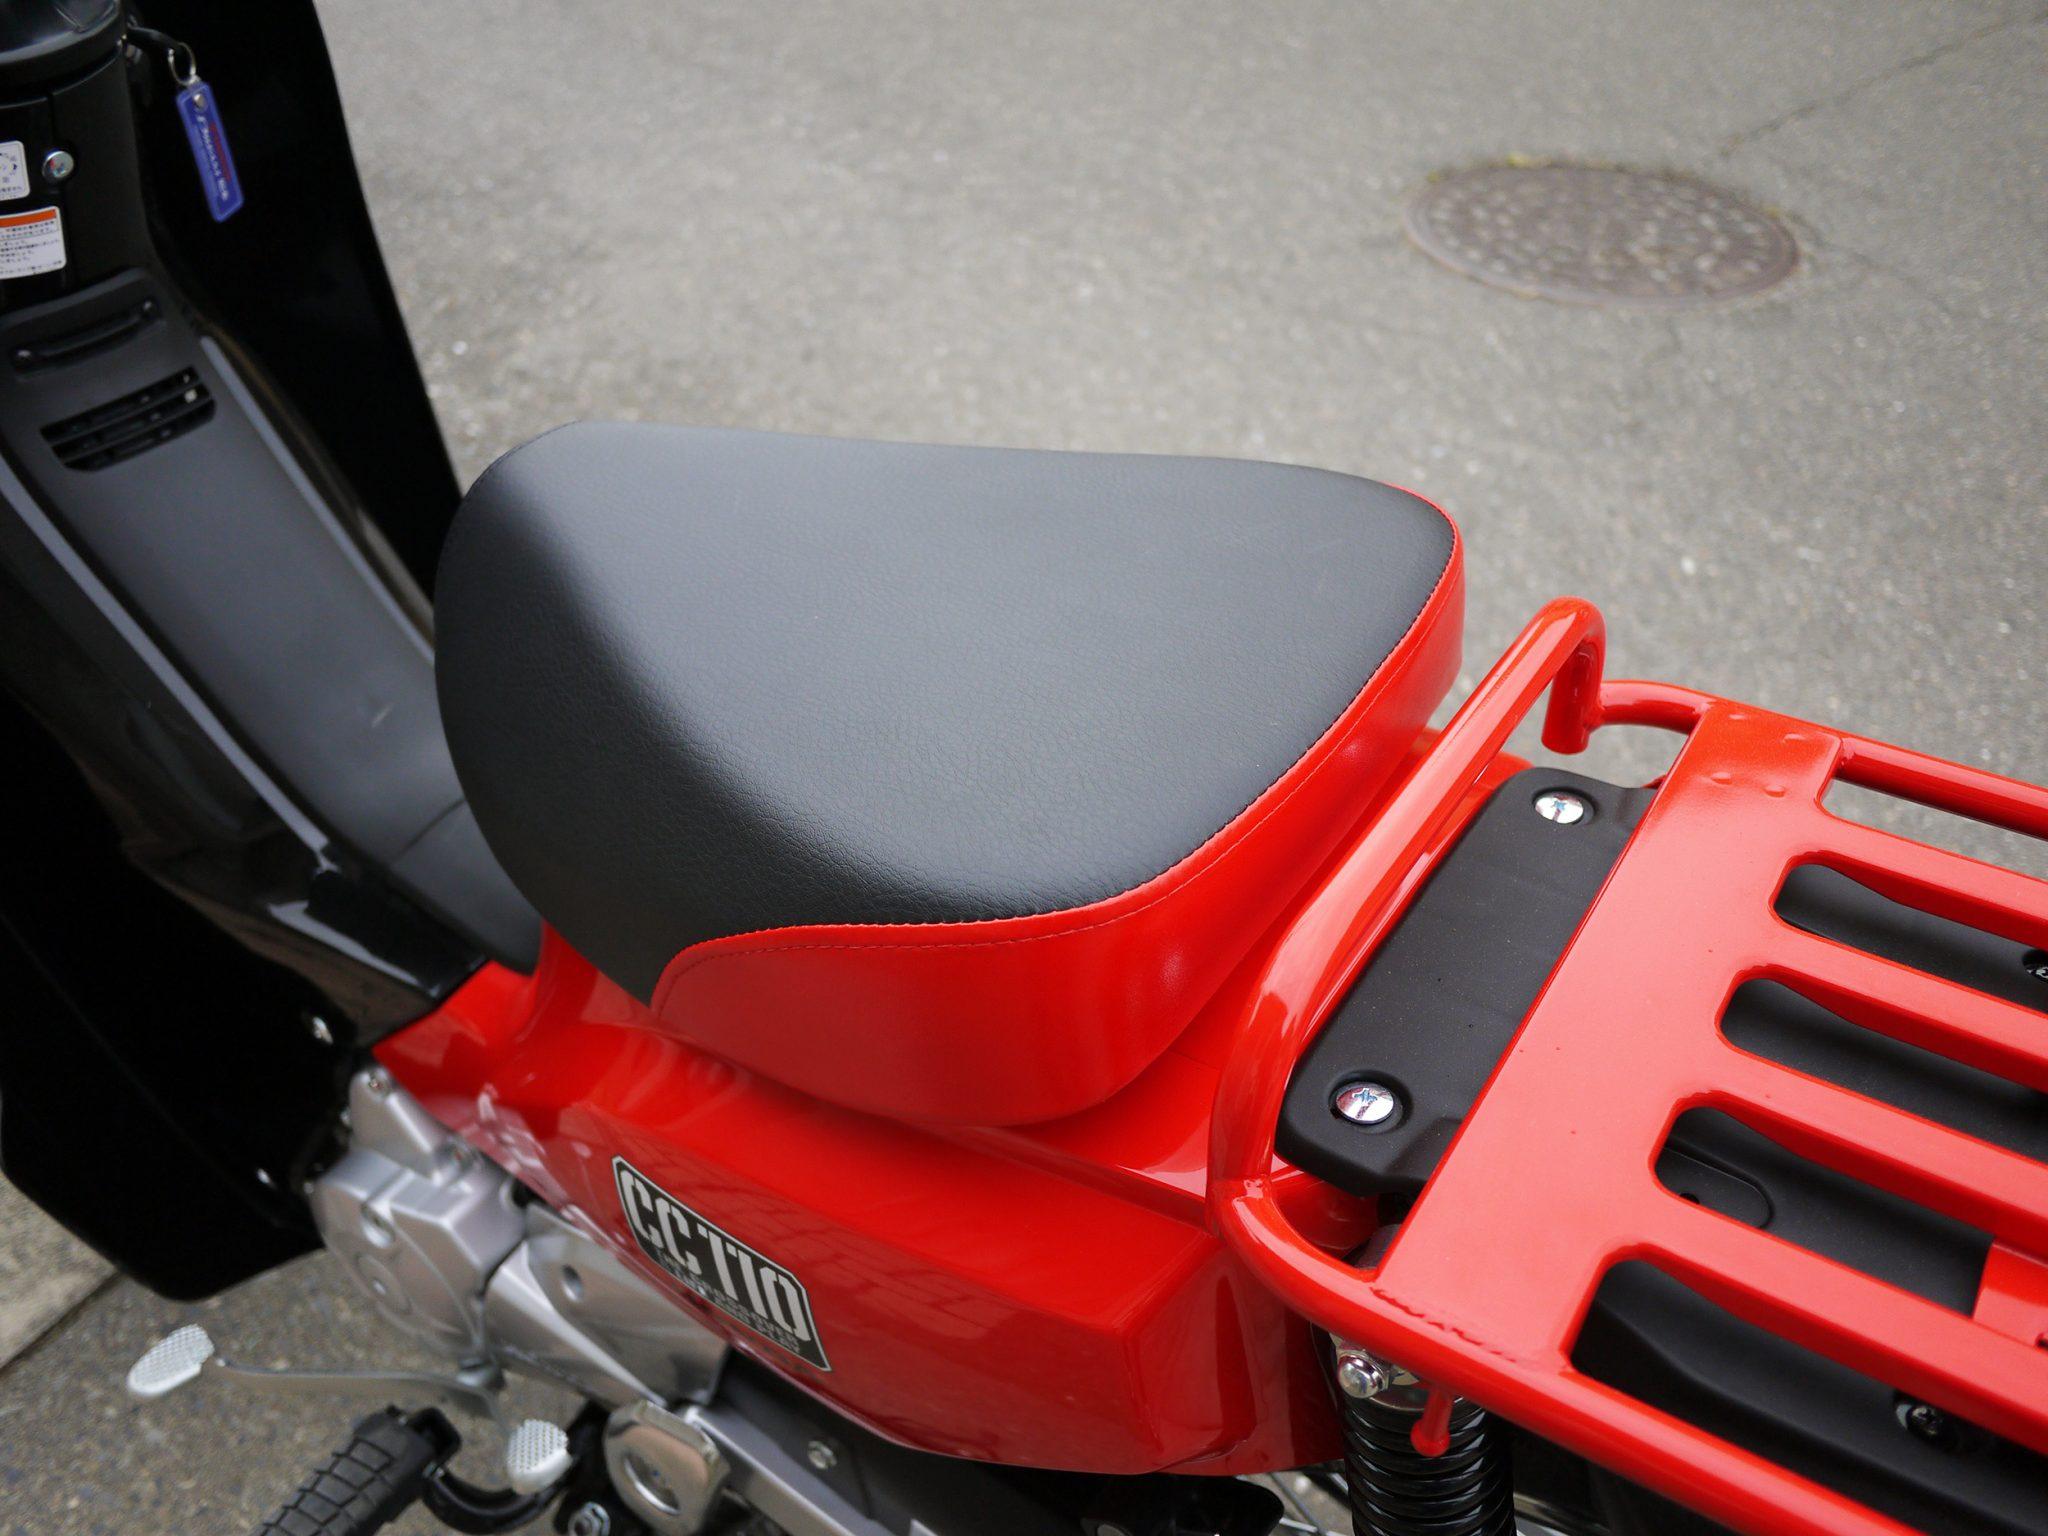 クロスカブ(CROSS CUB)の車高調整、 足つき改善 アウトスタンディング シングルシート S36T